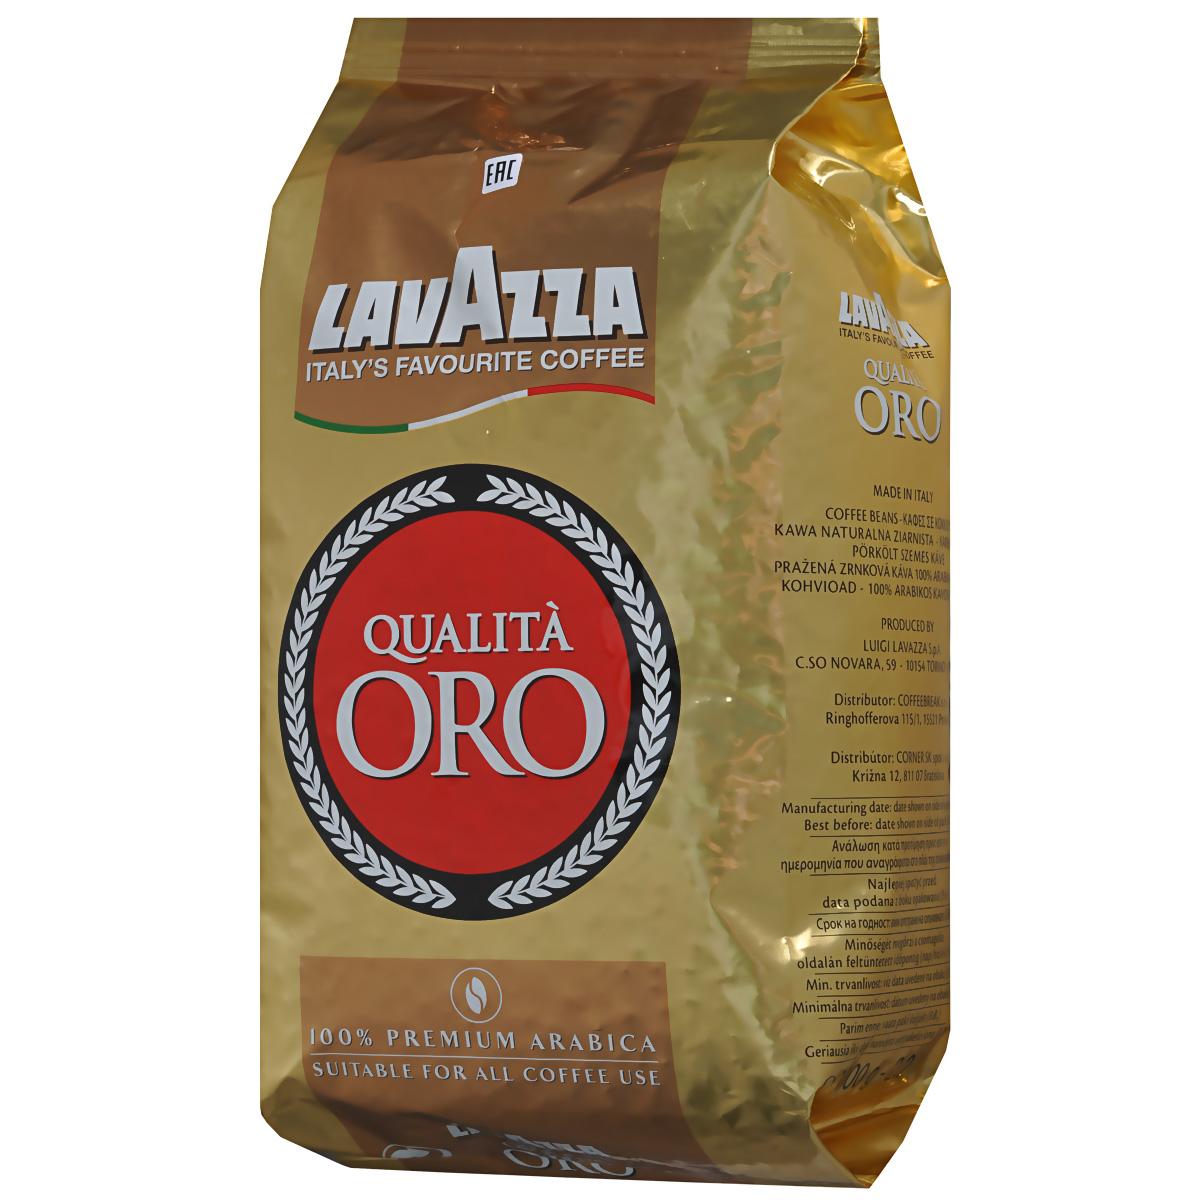 Lavazza Qualita Oro кофе в зернах, 1 кг2056Lavazza Qualita Oro - смесь зерен сортов Арабики и Центральной и Южной Америки, знаменитых своим узнаваемым и изысканным ароматом. Характеризуется легкой сладостью в сочетании с приятной кислинкой, что создает полный, благородный и гармоничный вкус.